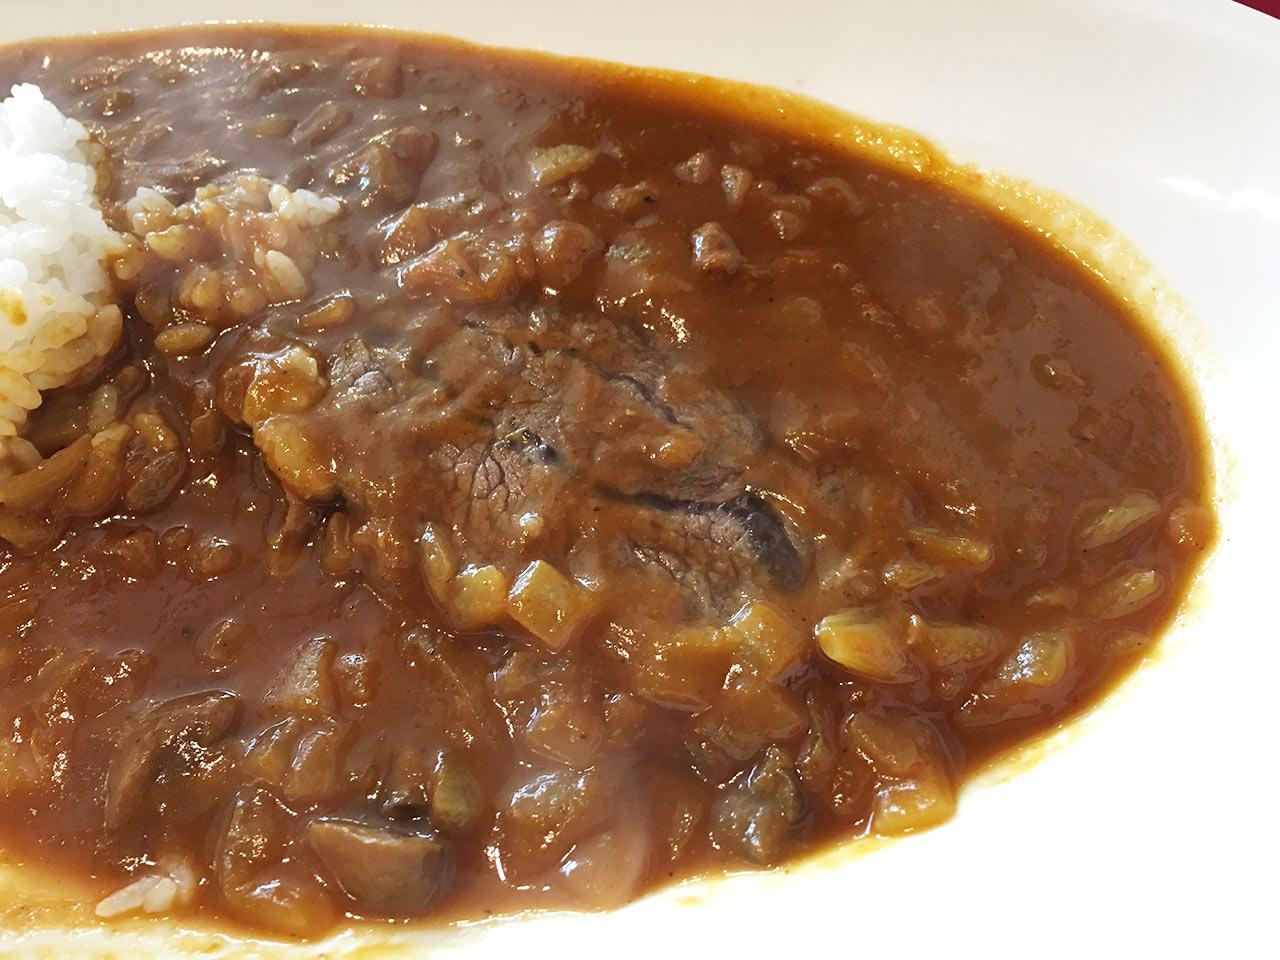 武蔵小山レトロワの黒毛和牛ほほ肉煮込みカレーをアップで